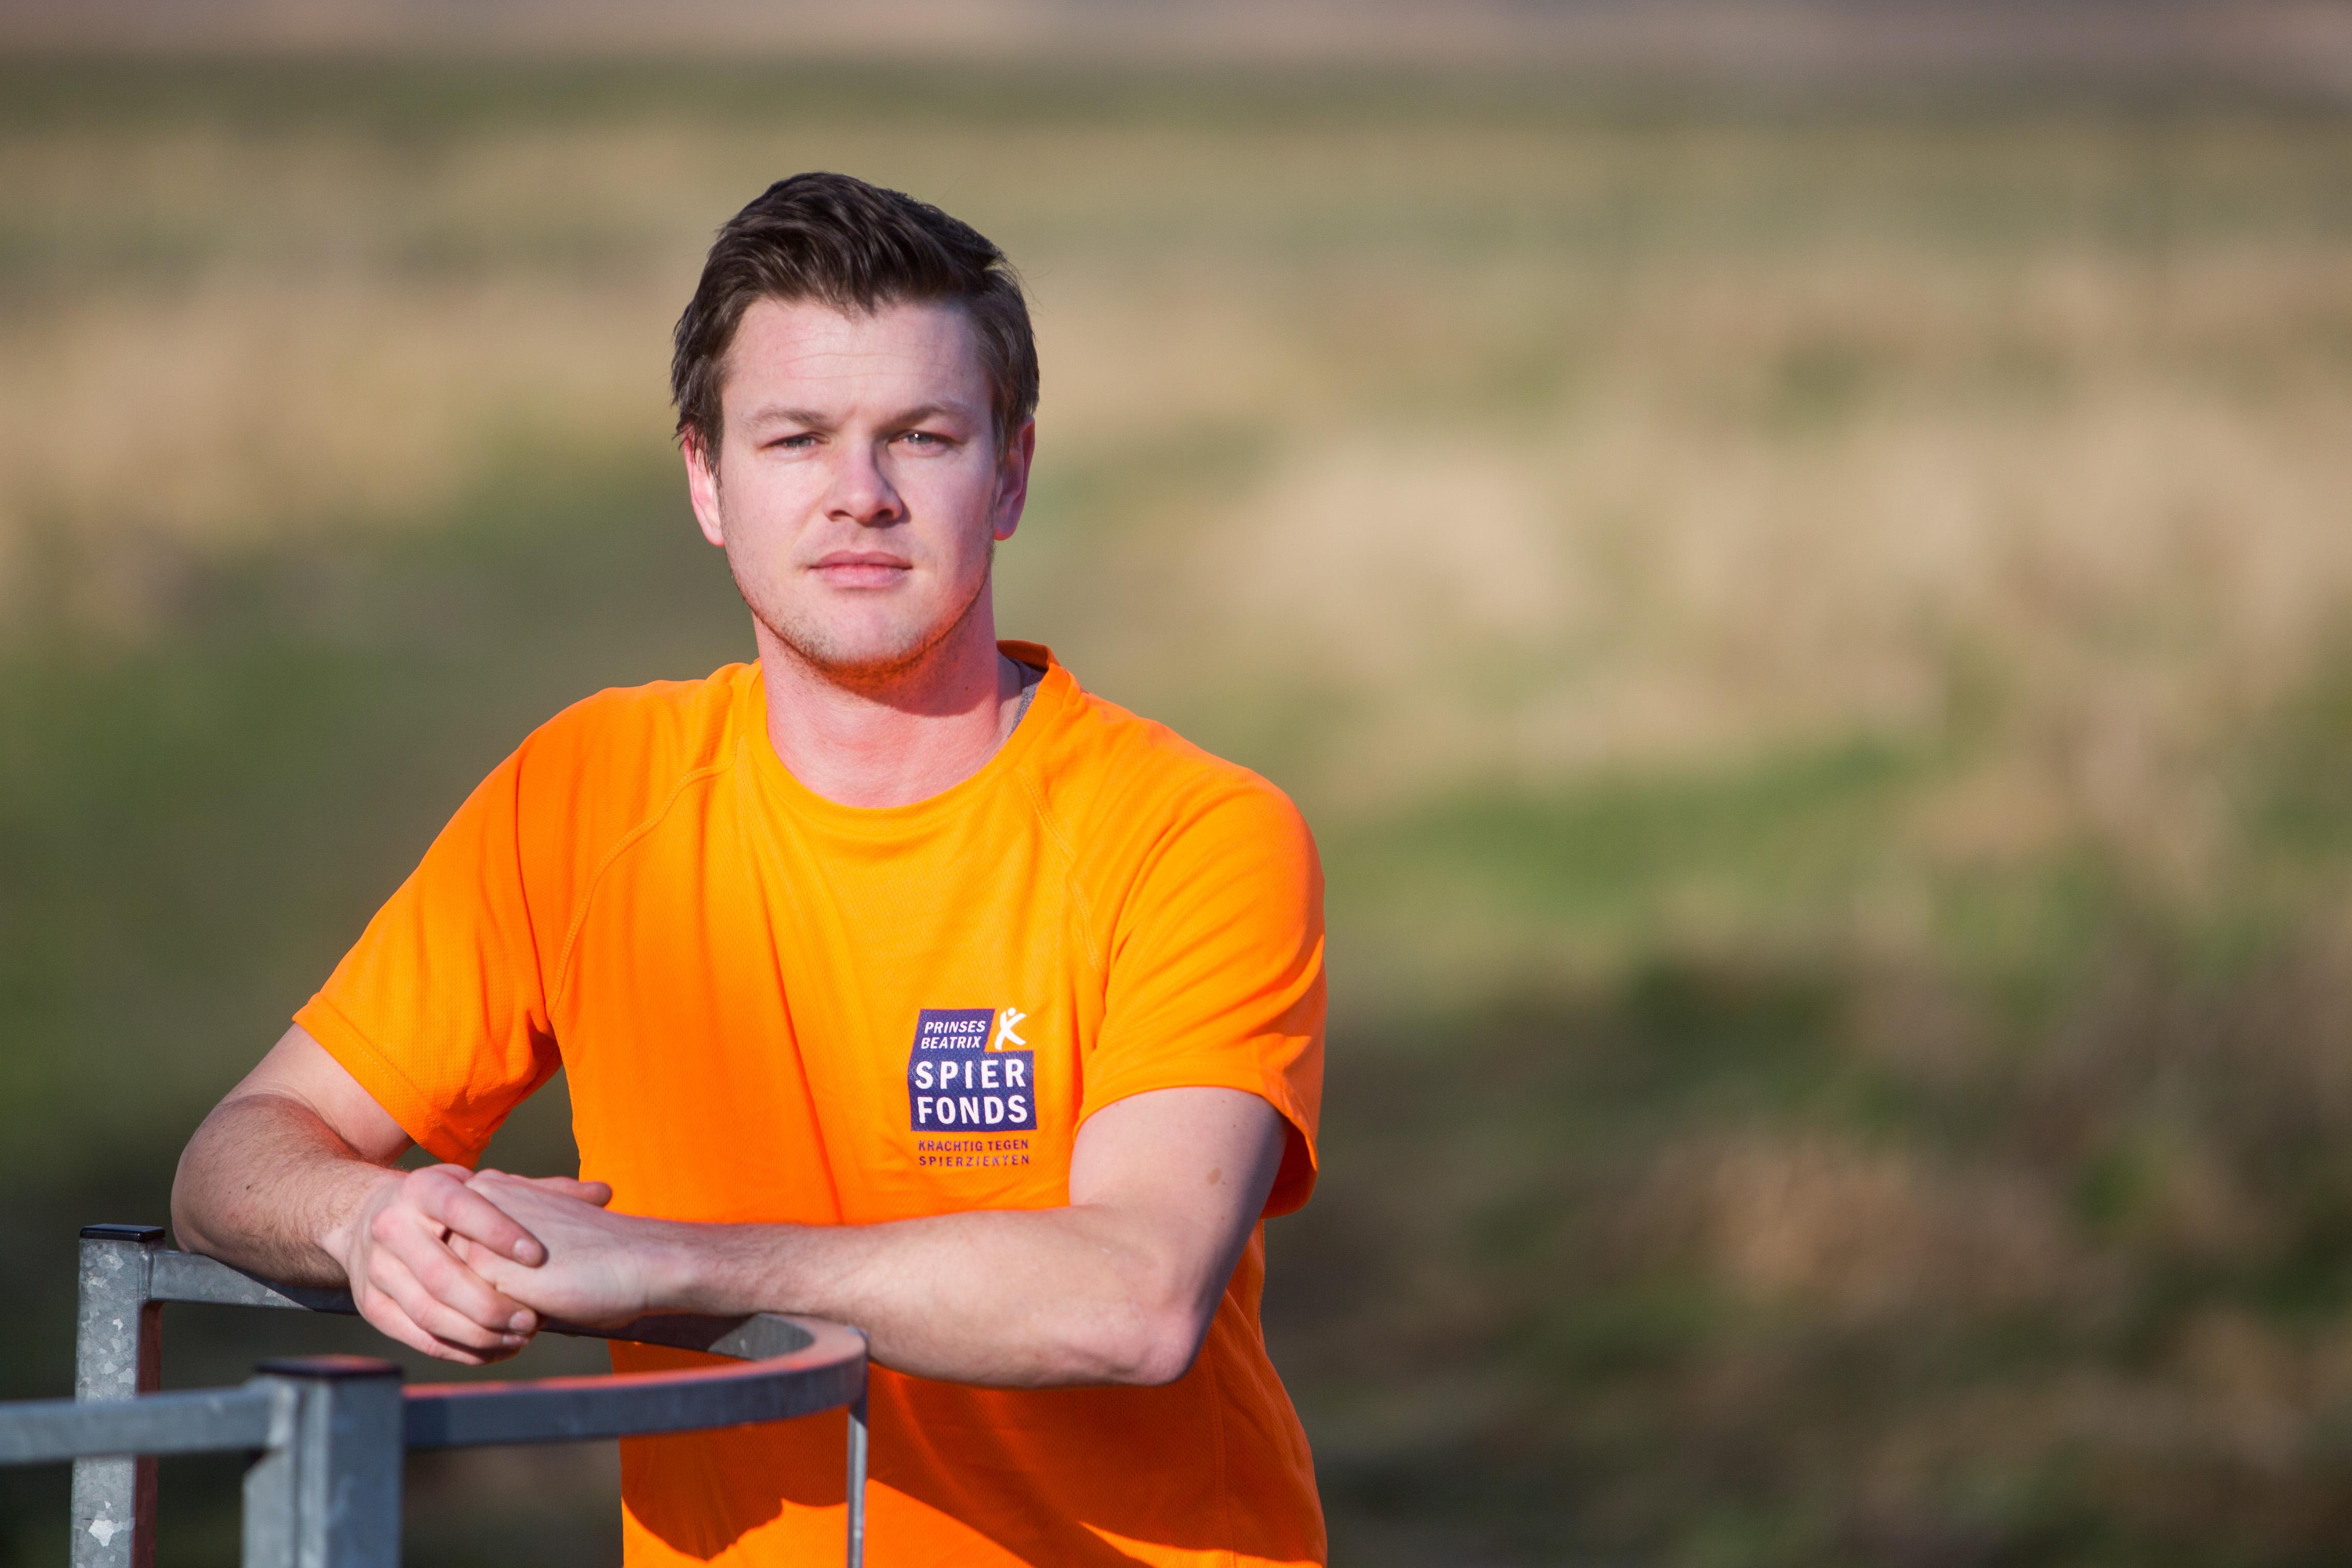 Sander Kunst gaat binnenkort vijftig kilometer hardlopen voor een goed doel: spierziekte. (Foto: Vincent de Vries/RM).